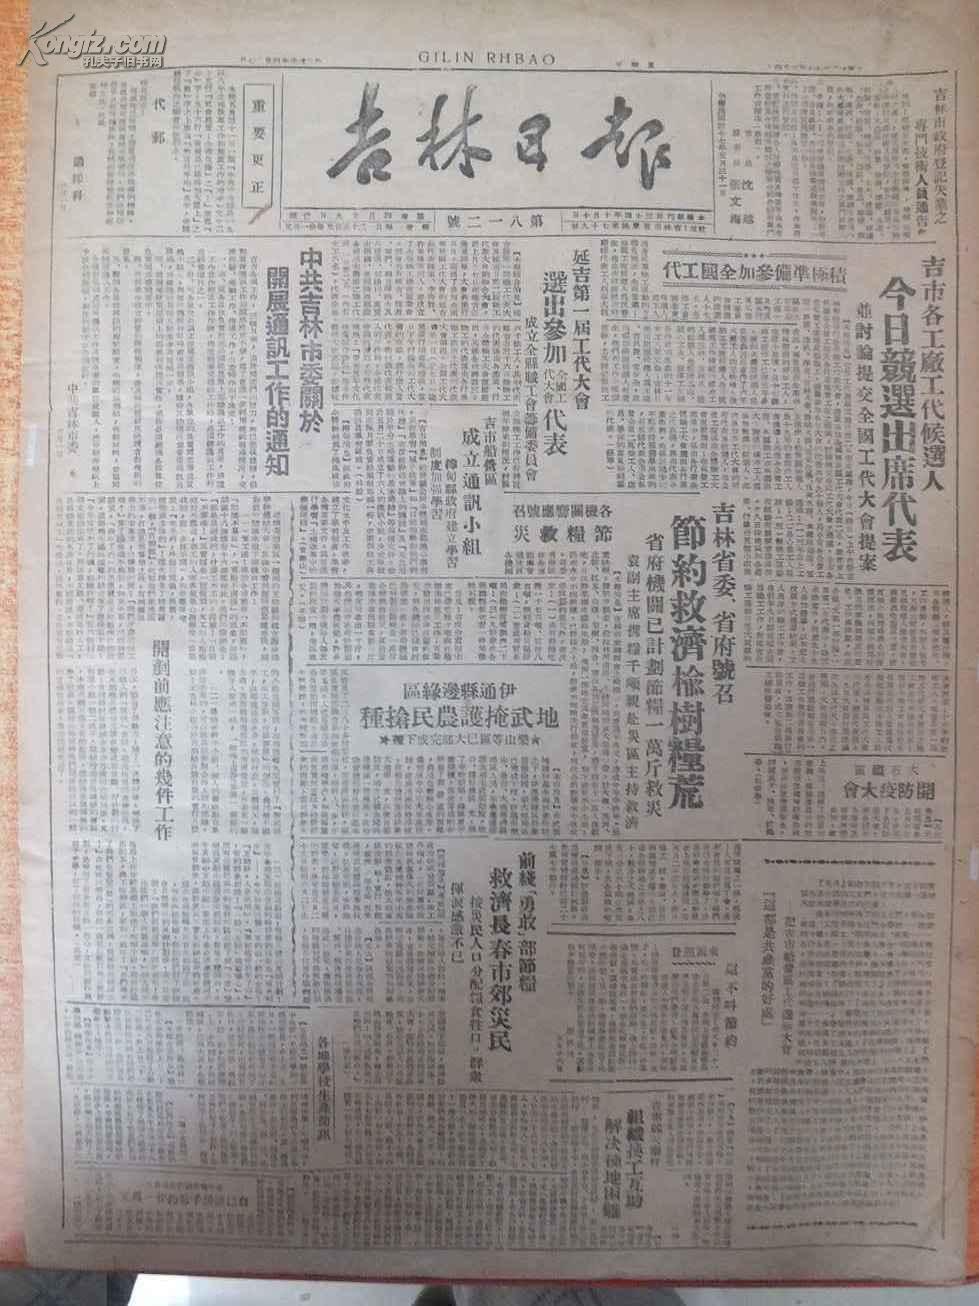 民国37年6月4日《吉林日报》我军肃清承德外围,收复丰宁乐平两城,江汉军 区地方武装在克天门县城